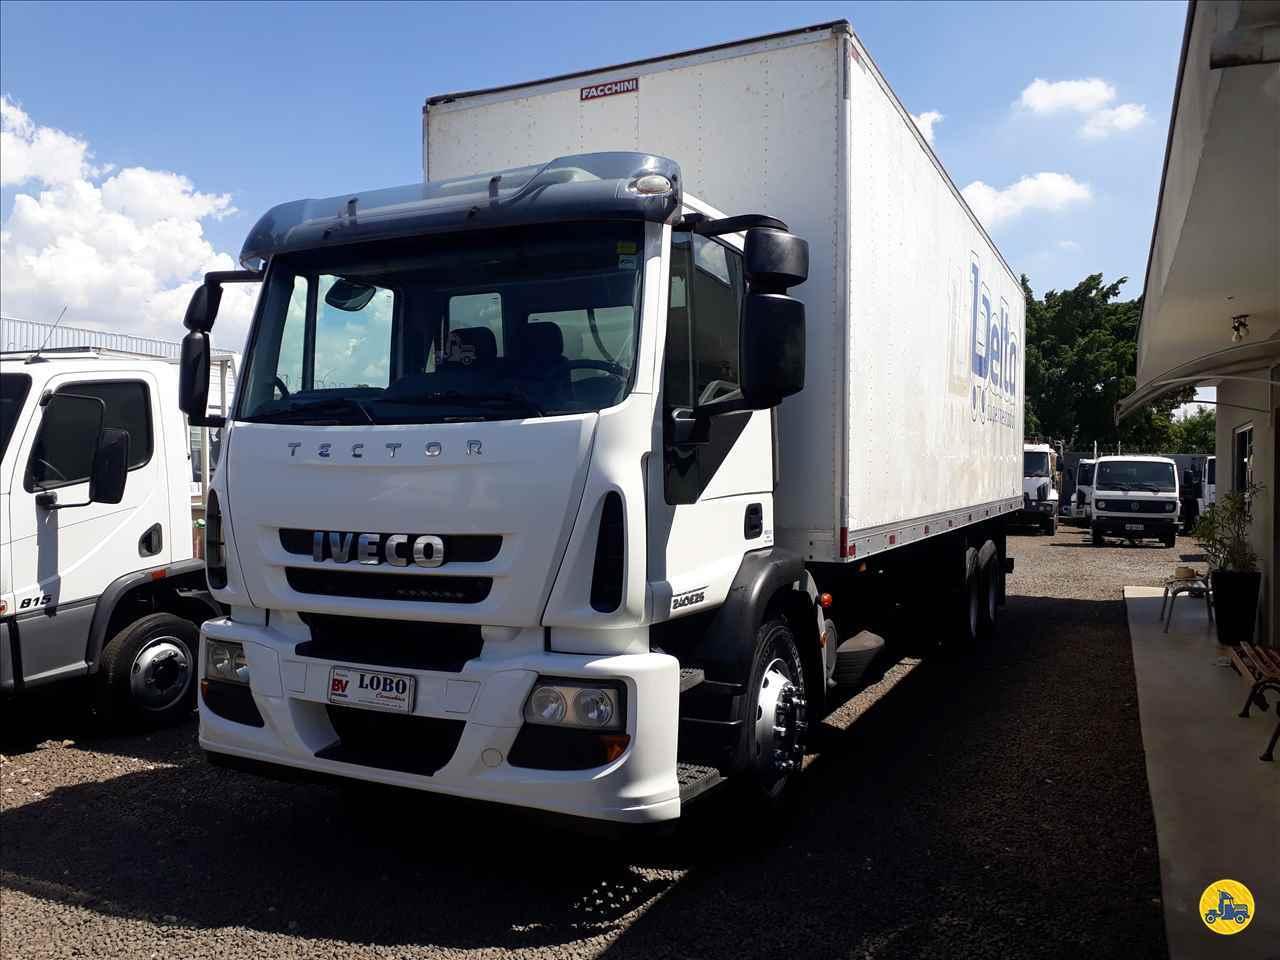 CAMINHAO IVECO TECTOR 240E25 Baú Furgão Truck 6x2 Lobo Caminhões AMERICANA SÃO PAULO SP